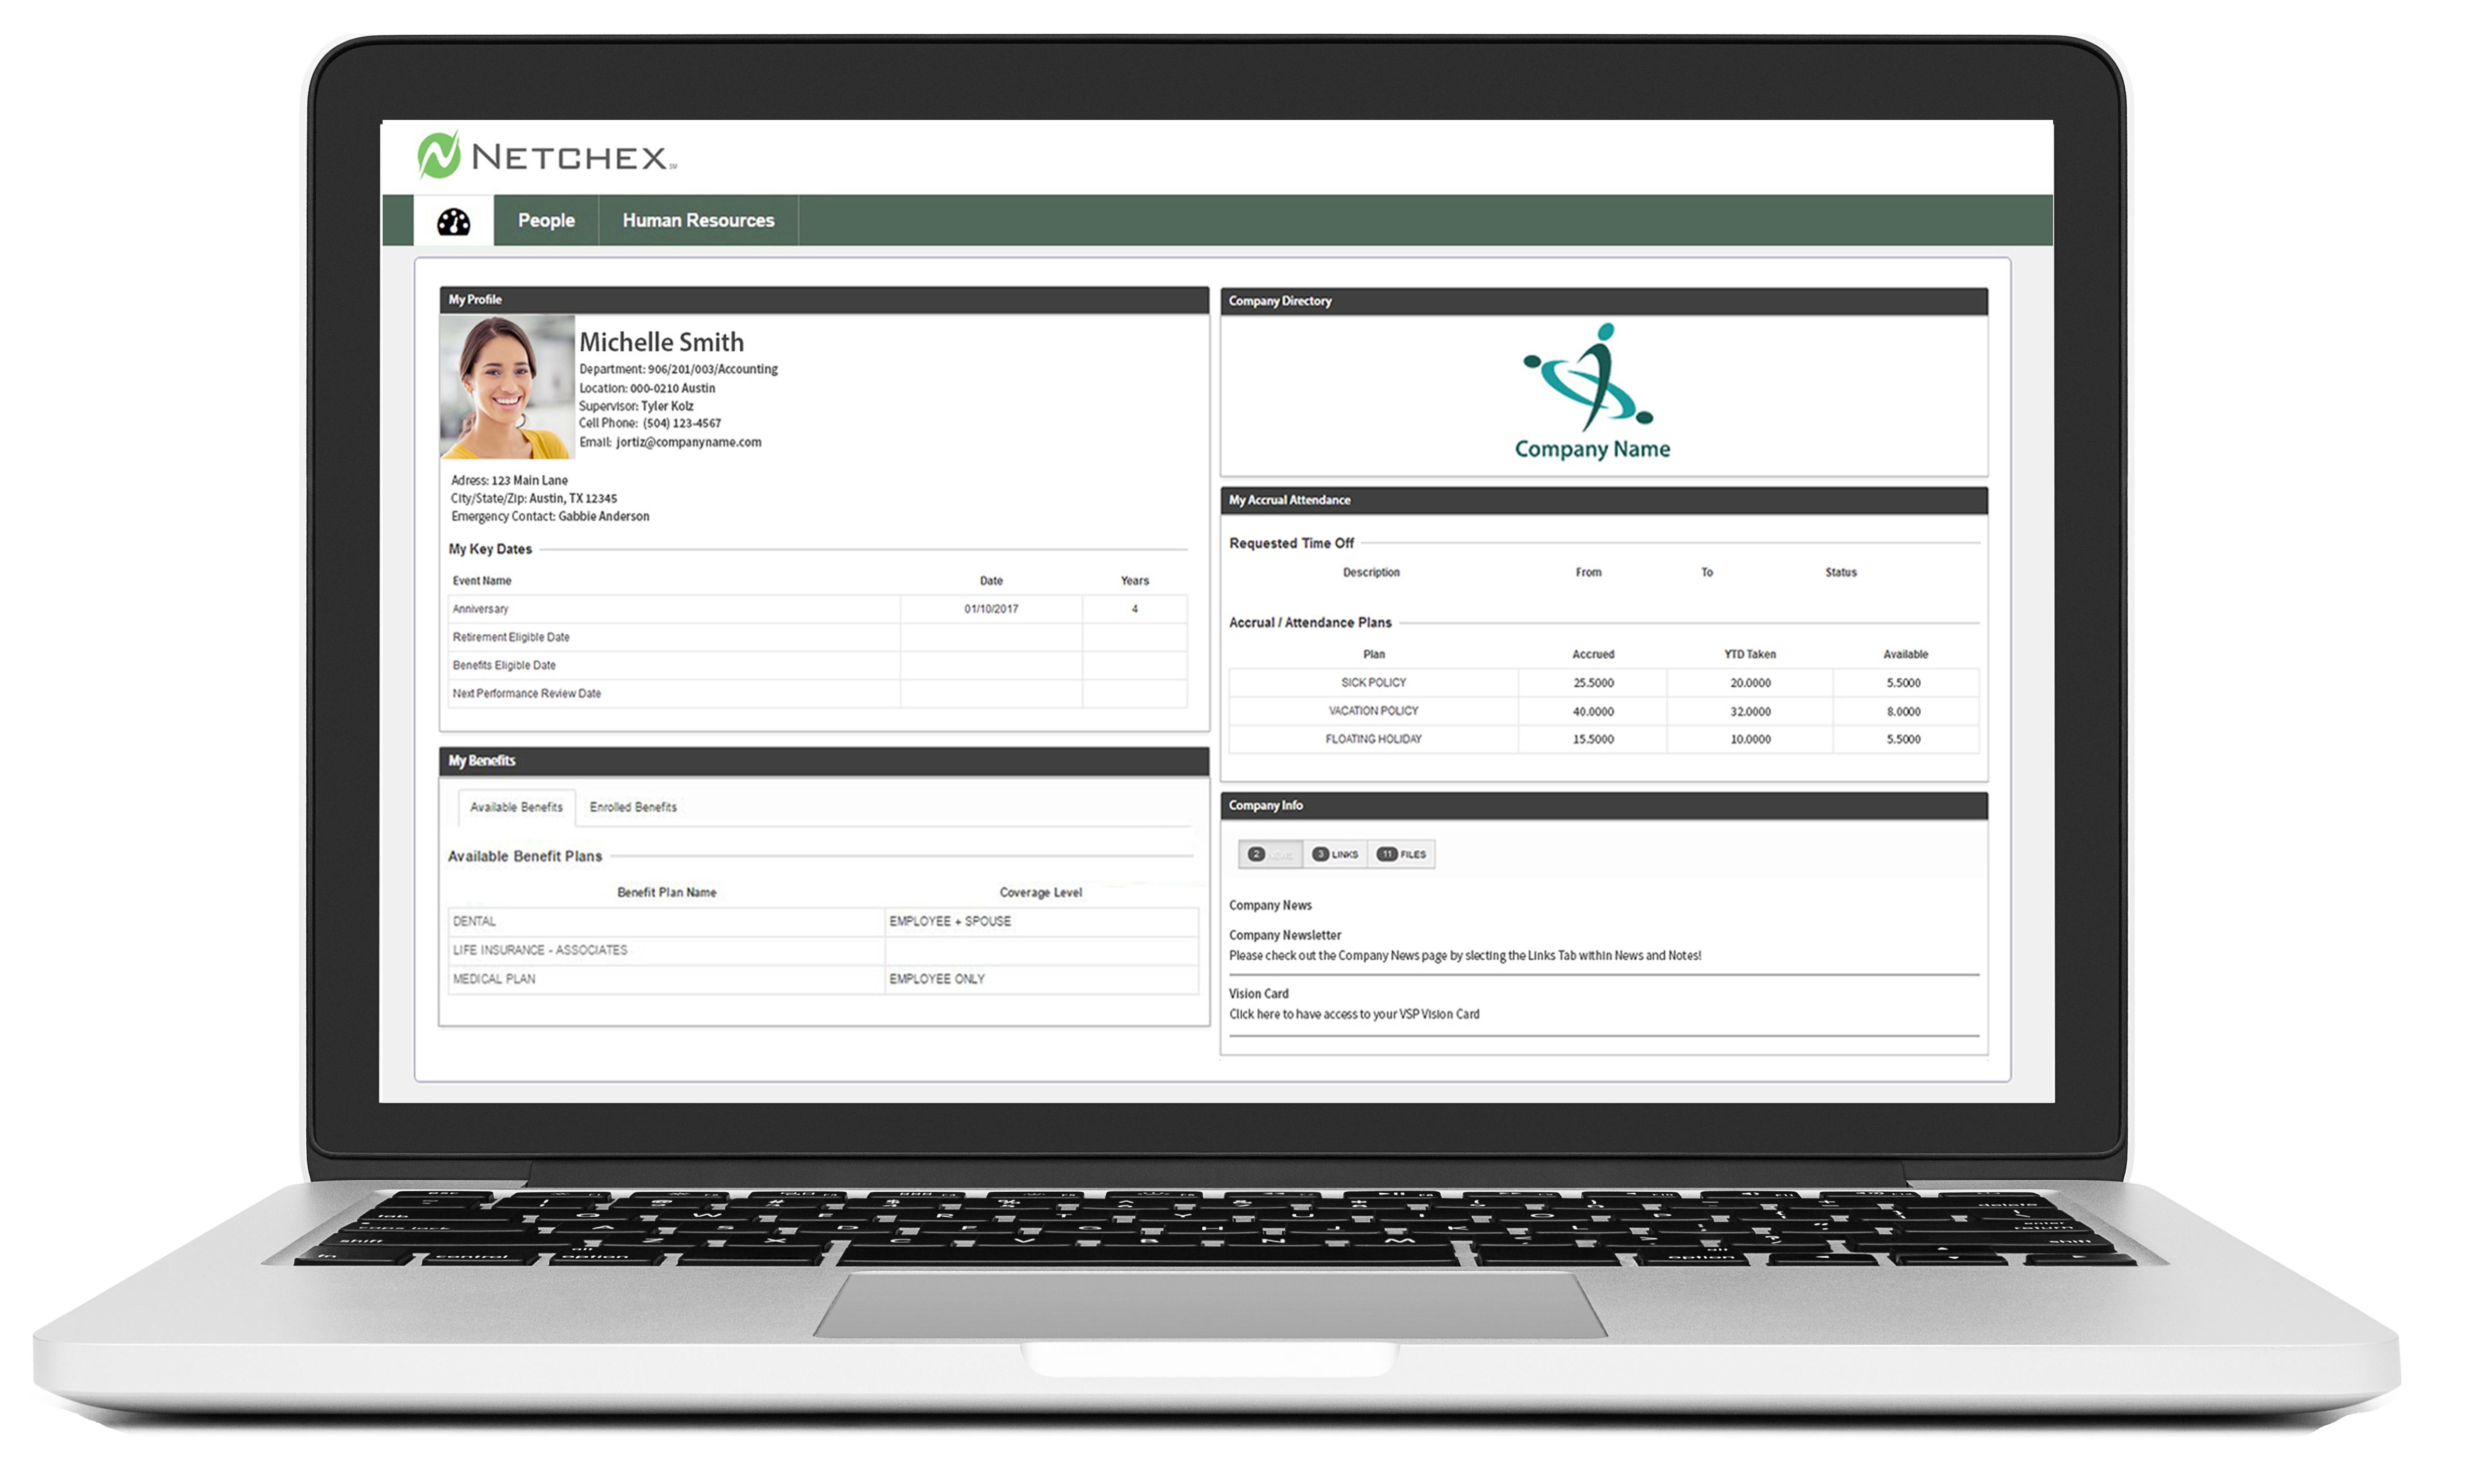 Netchex Dashboard